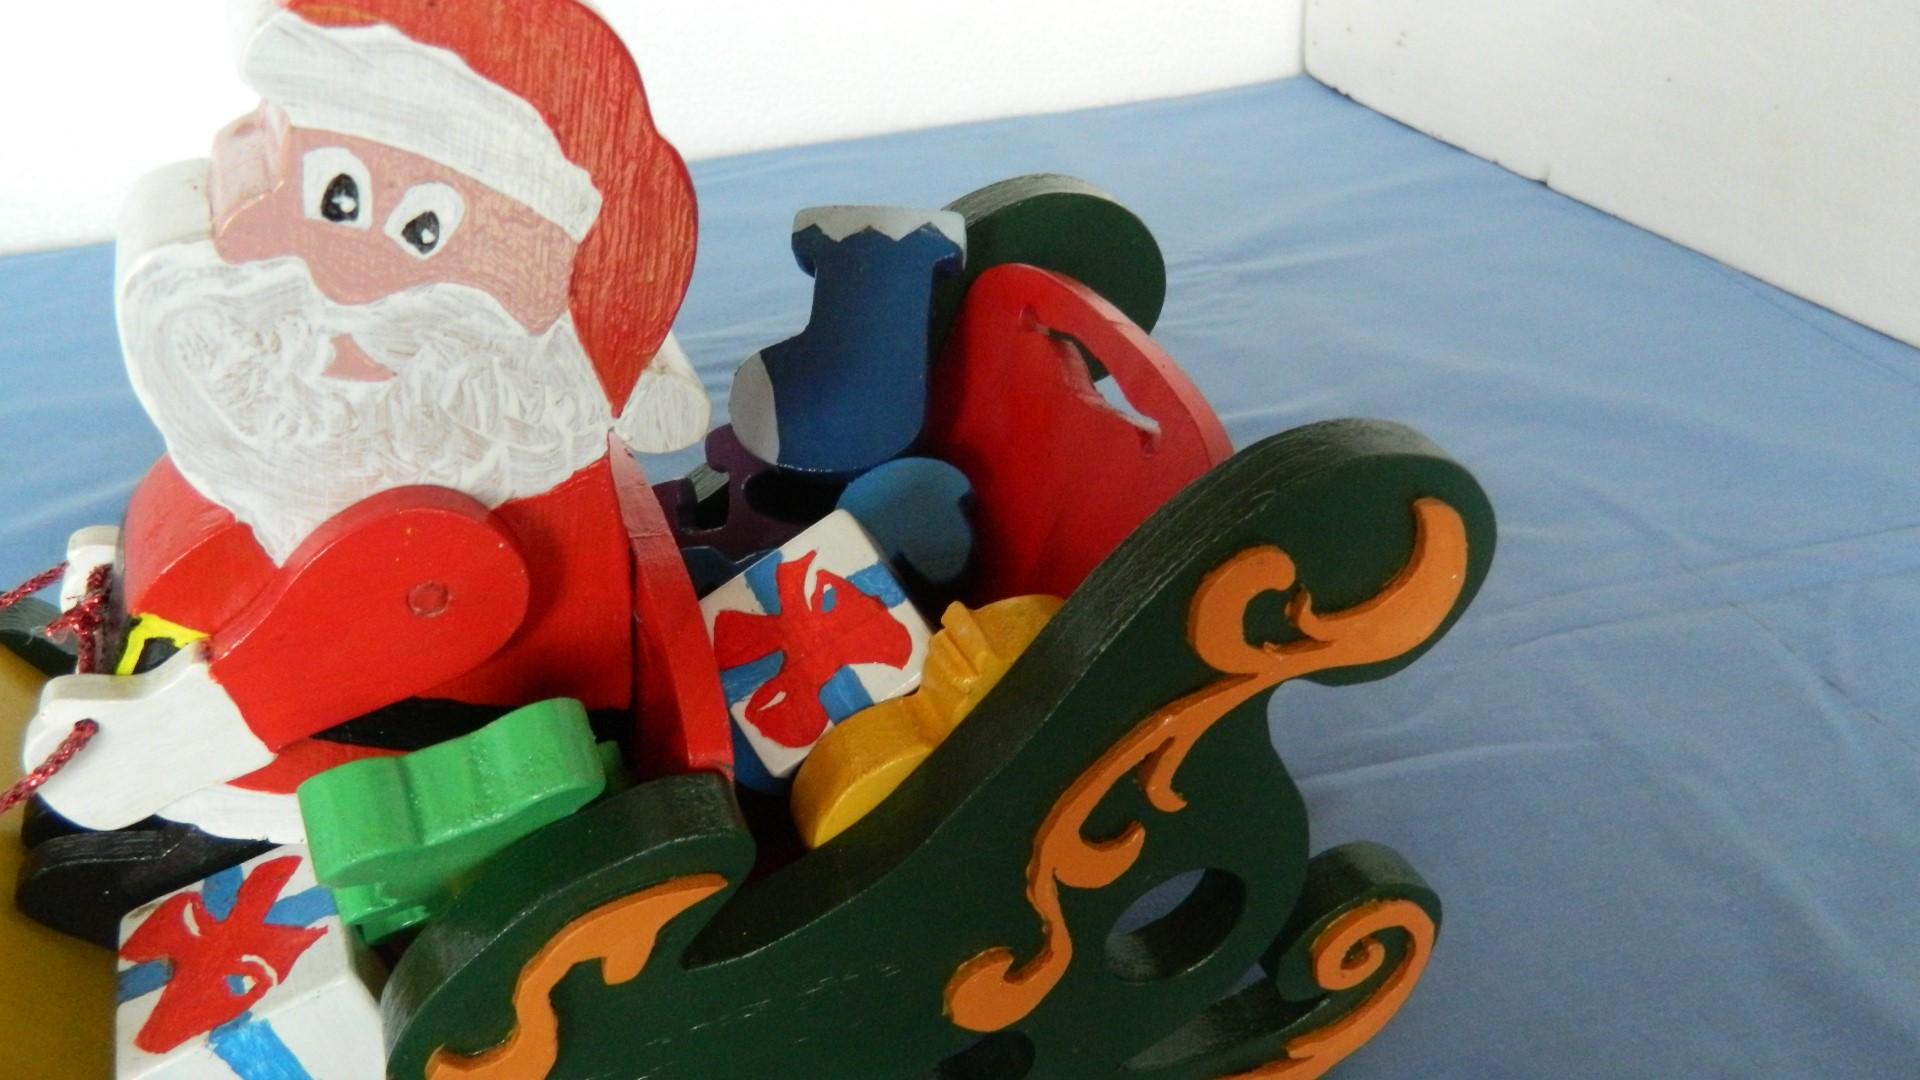 santa sleigh and reindeer4.jpg